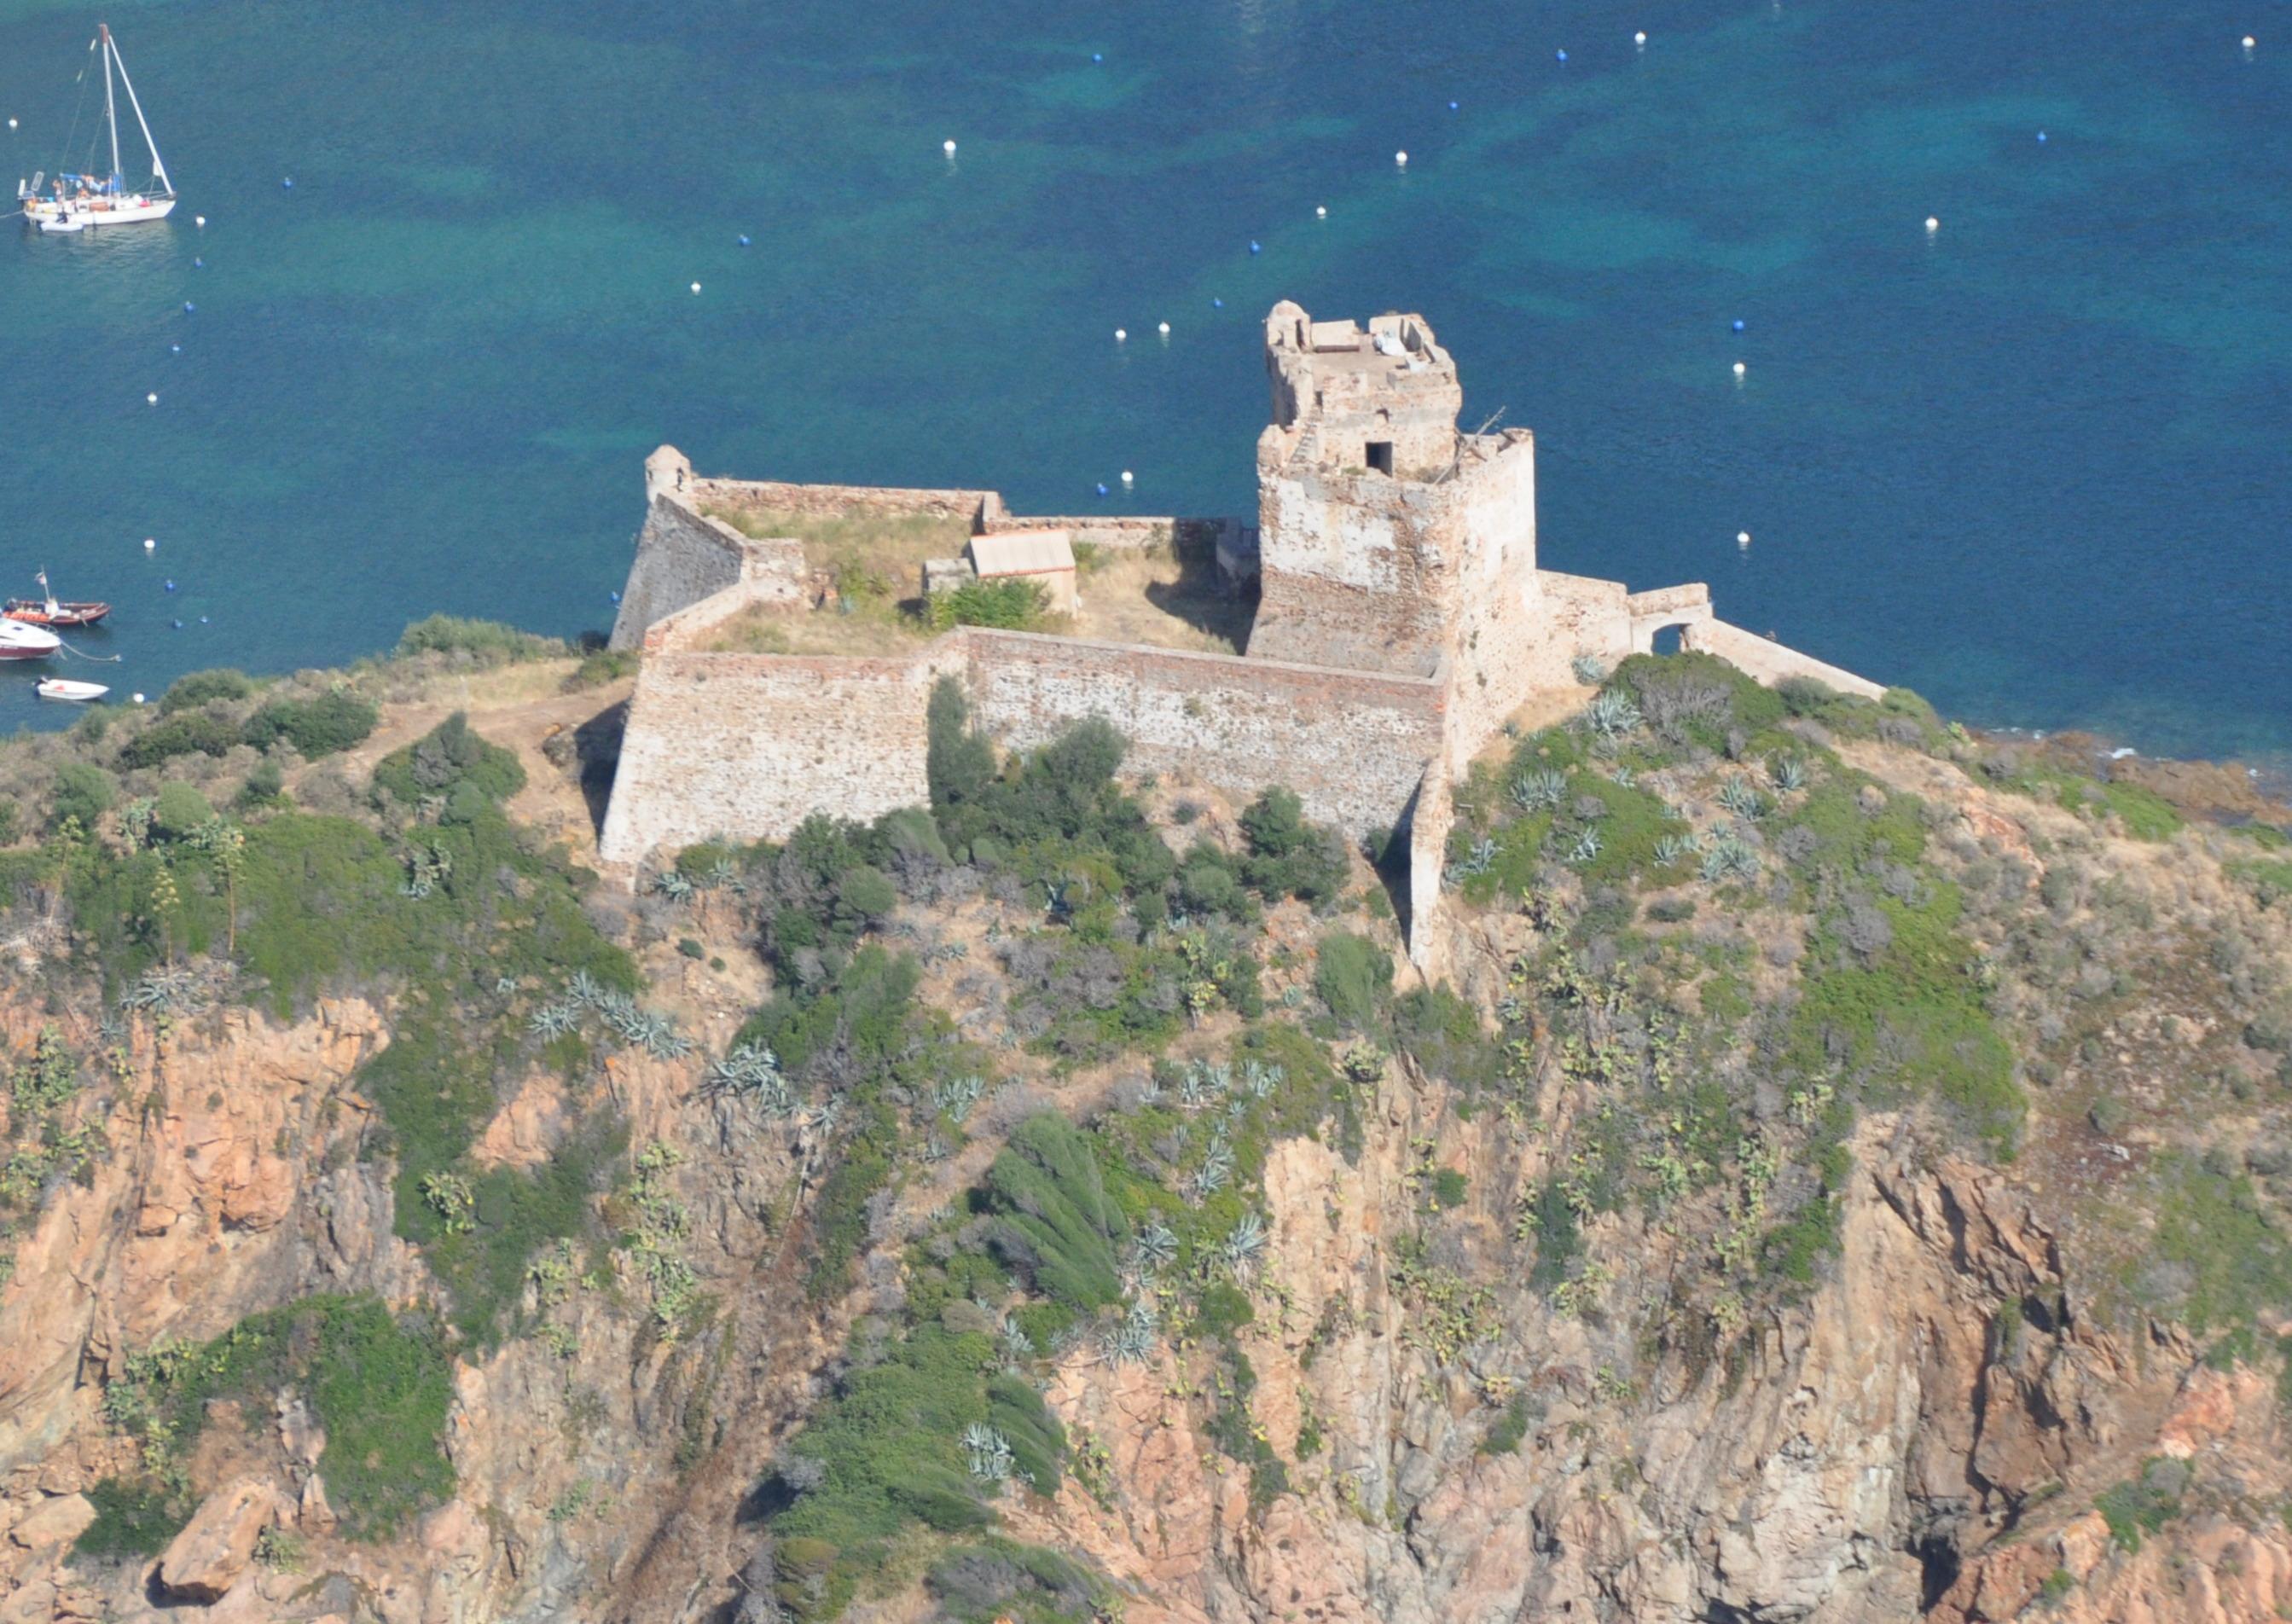 Vue aérienne du fortin de Girolata avant les opérations archéologiques. Crédits Photo : A. Gauthier.